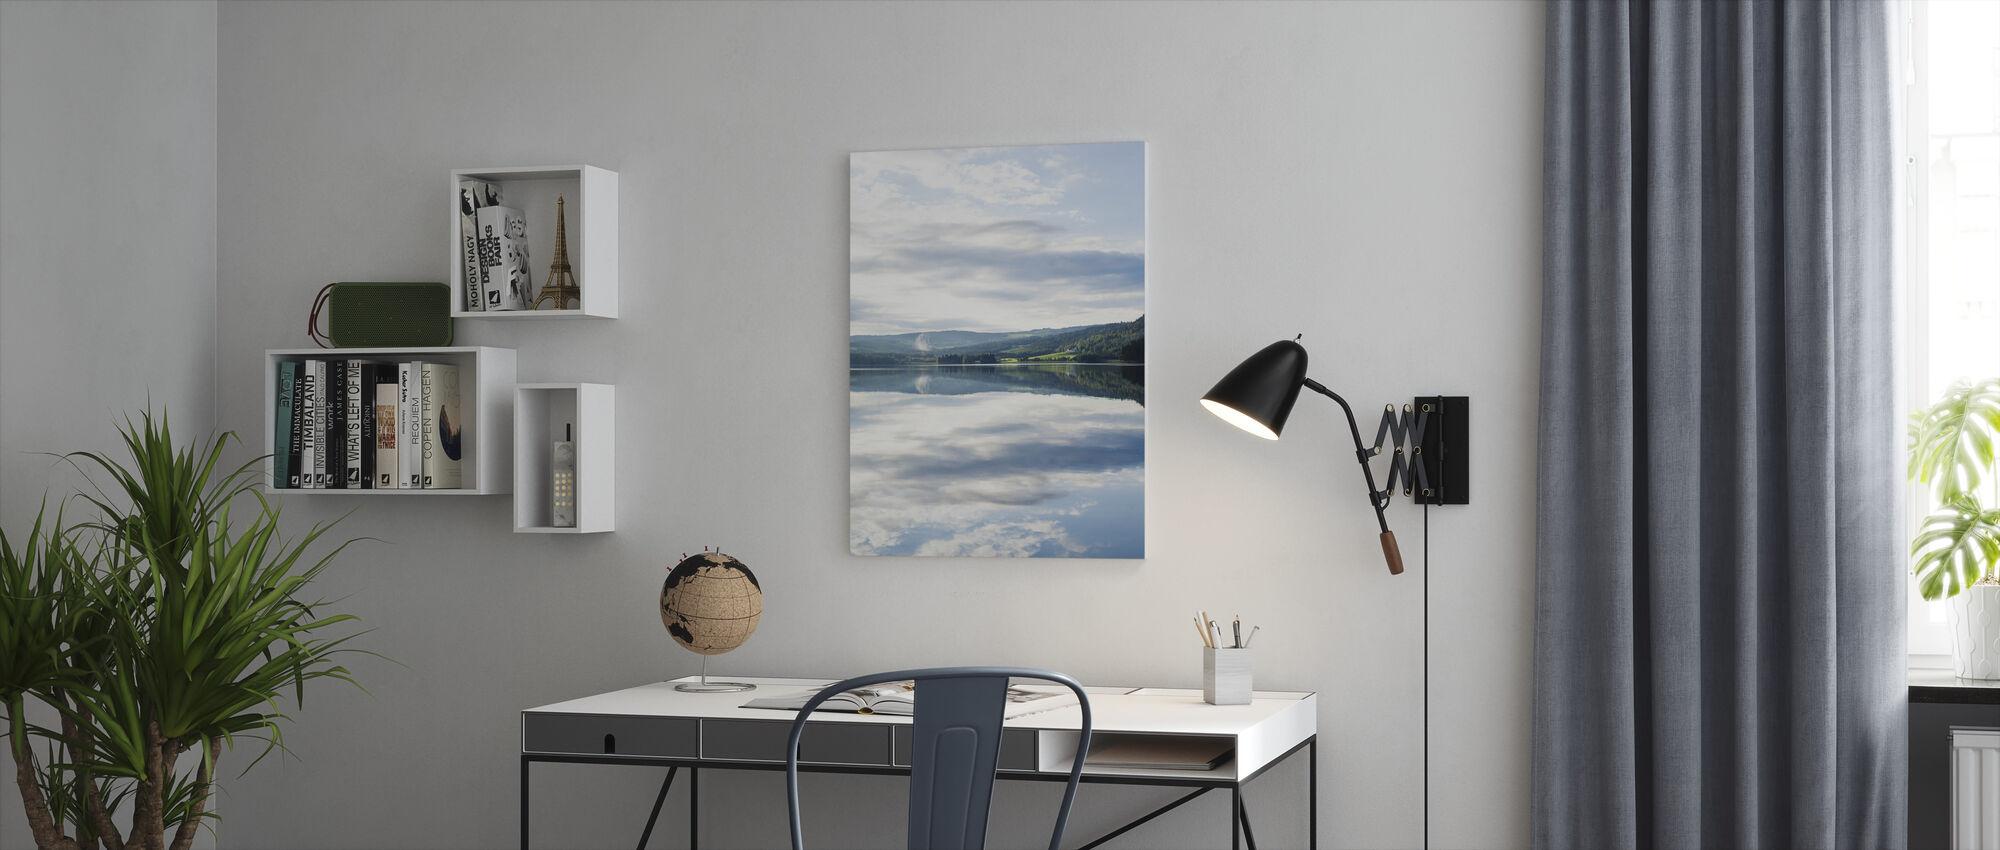 norjalainen valo - Canvastaulu - Toimisto